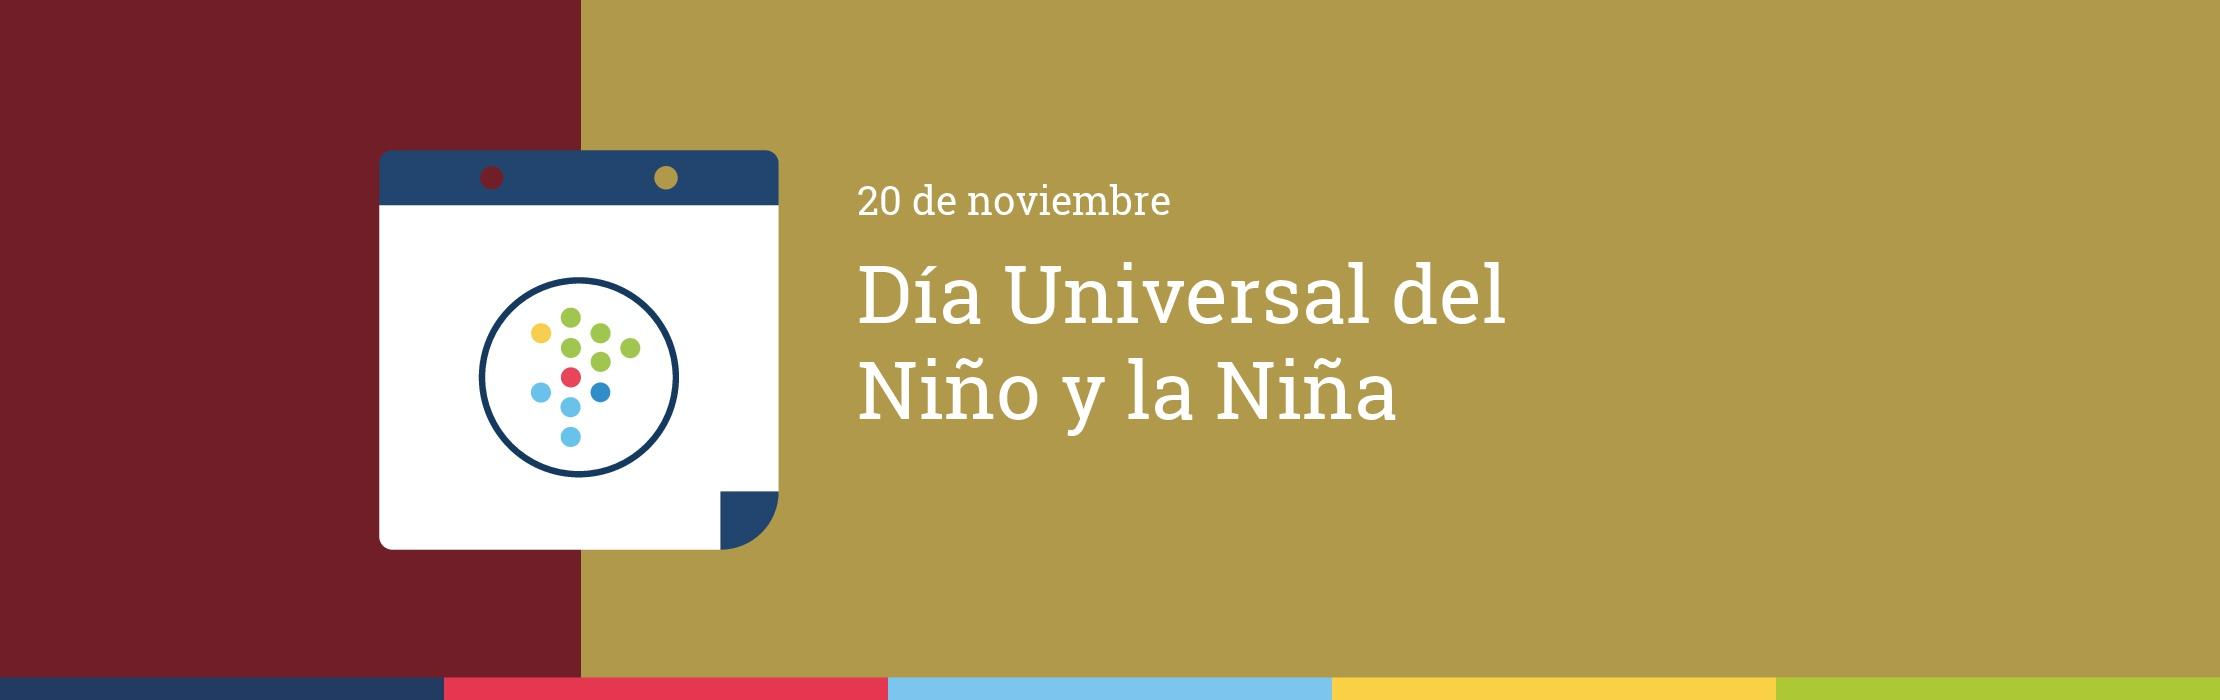 Día Universal del Niño y la Niña